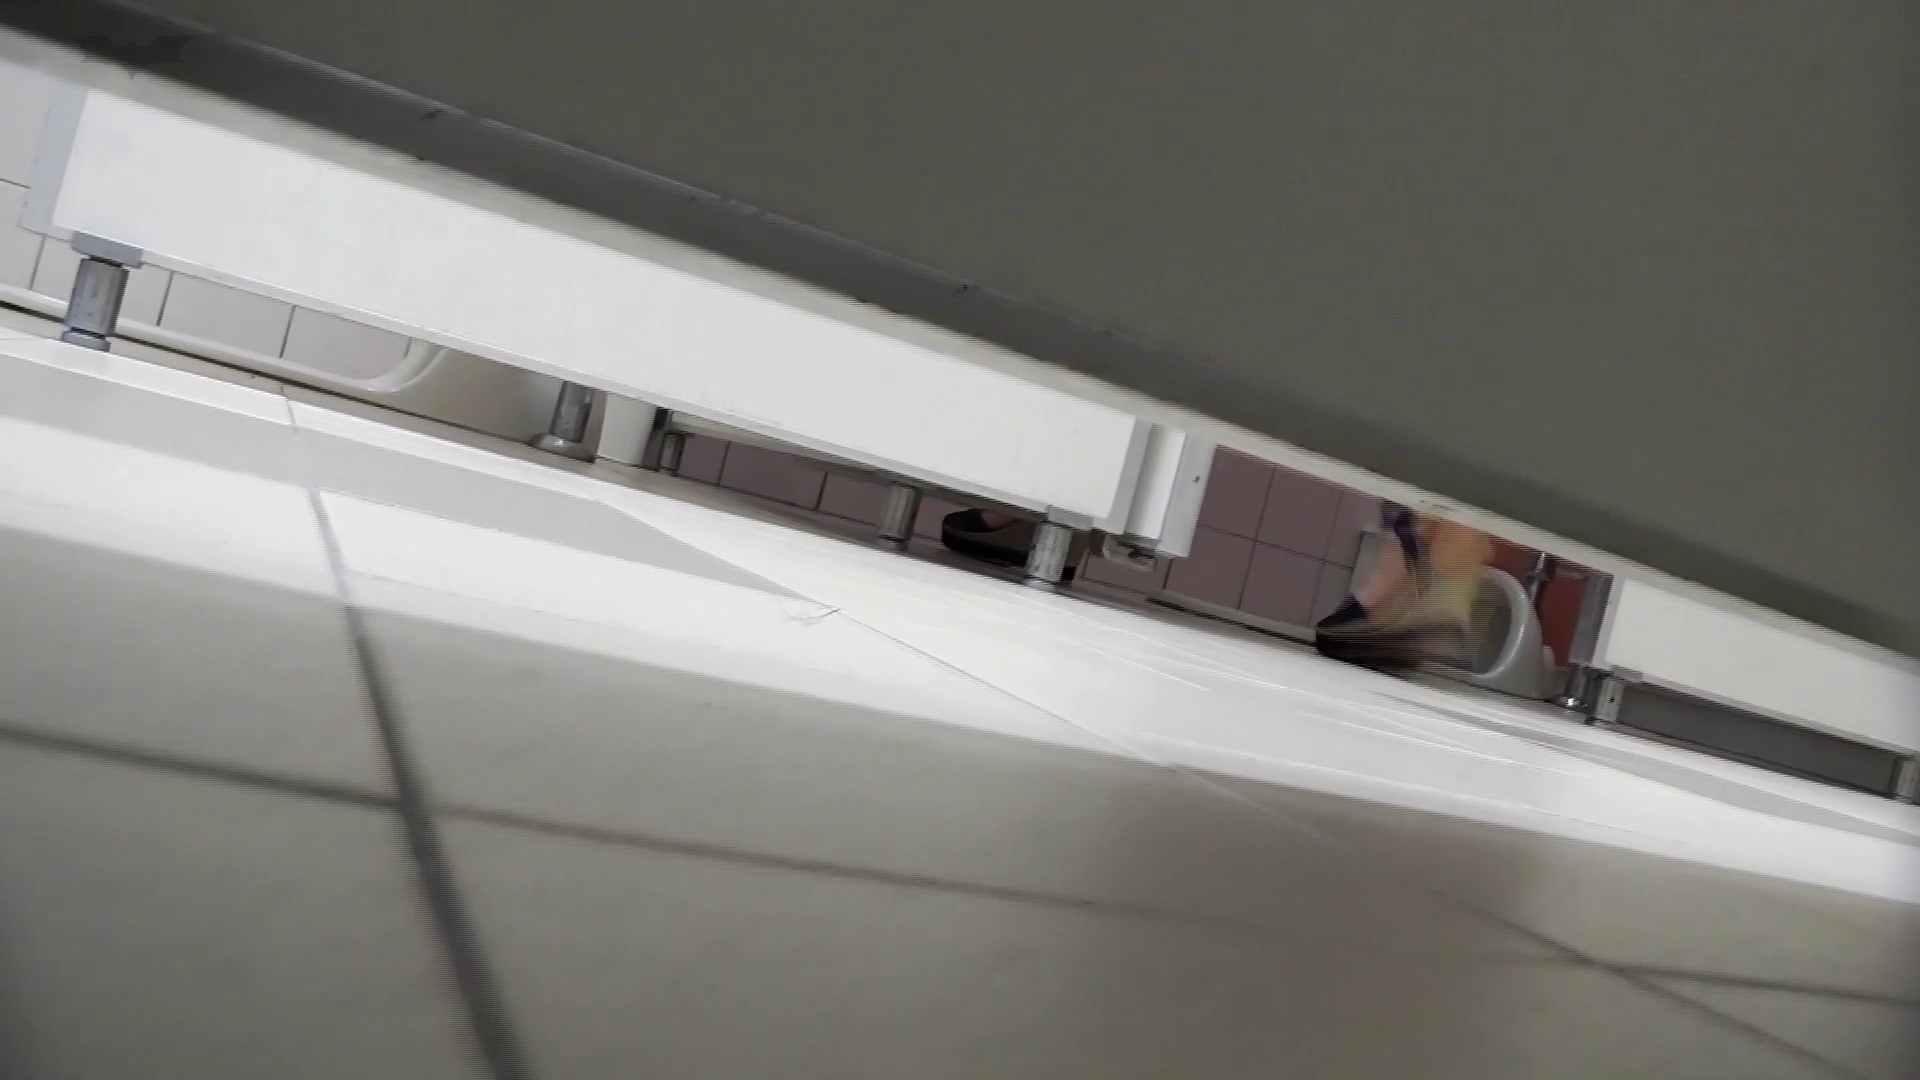 美しい日本の未来 No.29 豹柄サンダルは便秘気味??? 丸見え エロ画像 106枚 38